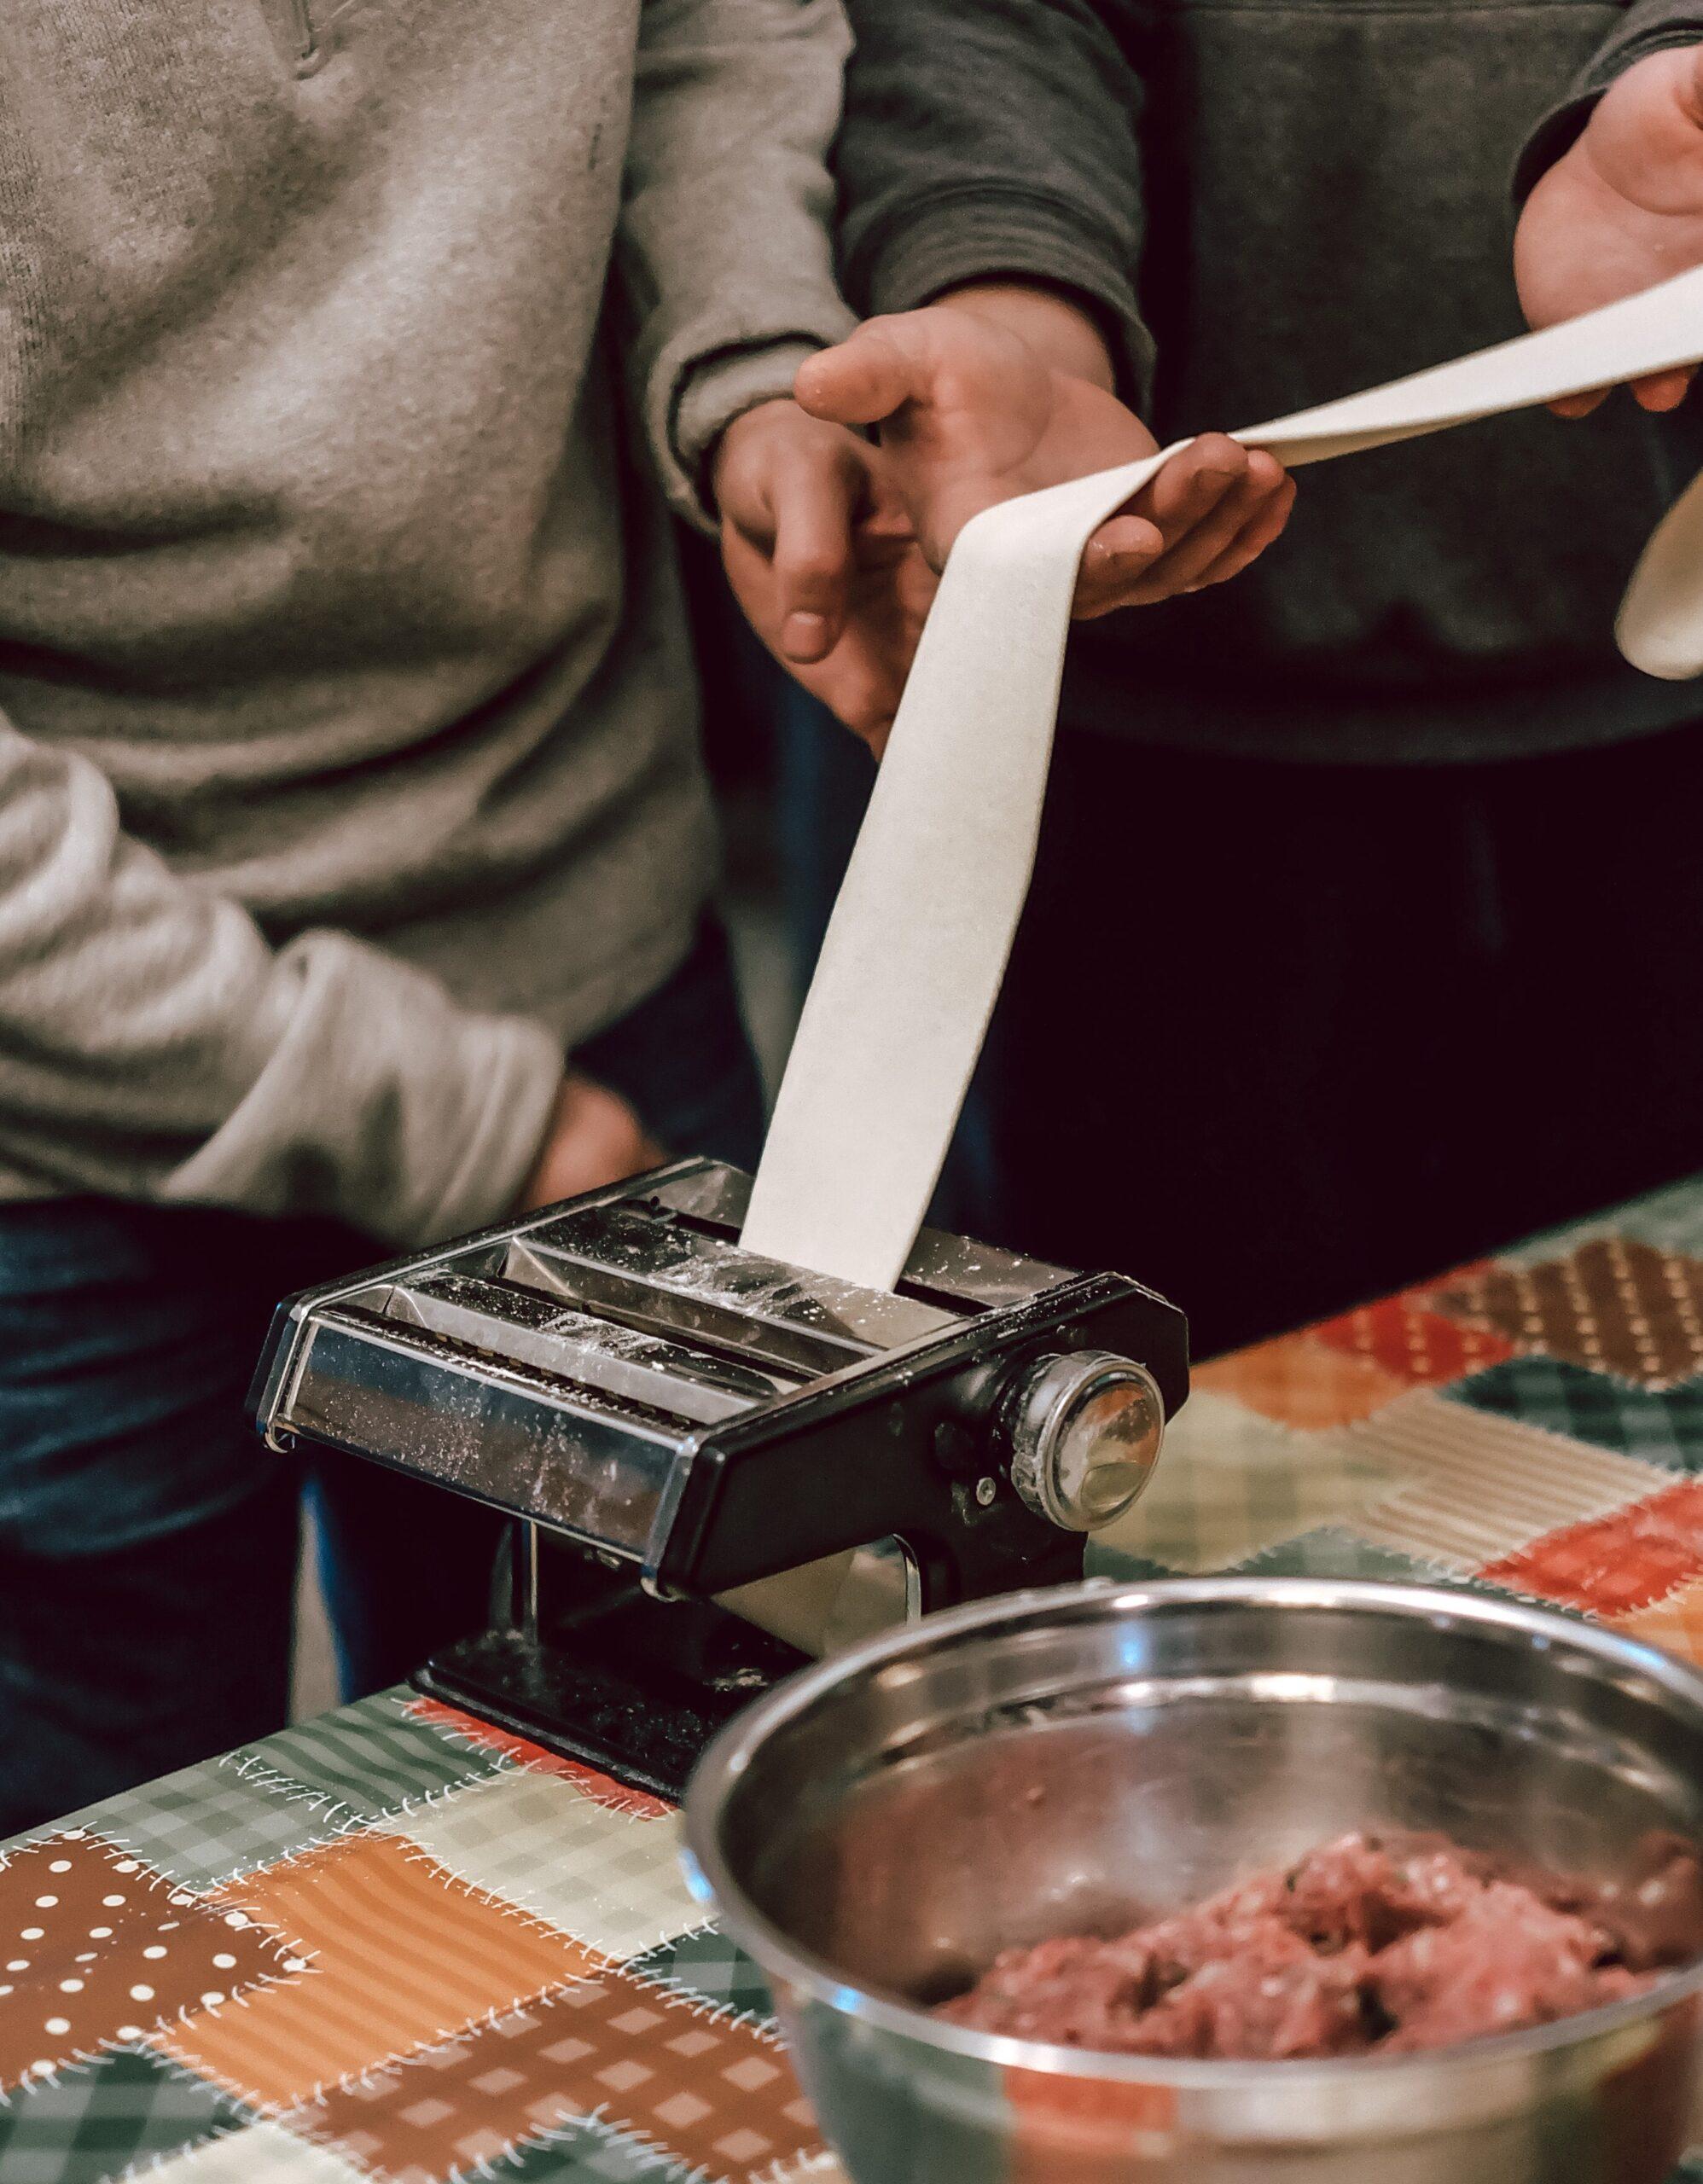 Novembris ja detsembris toimuvad muuseumides toiduteemalised haridusprogrammid